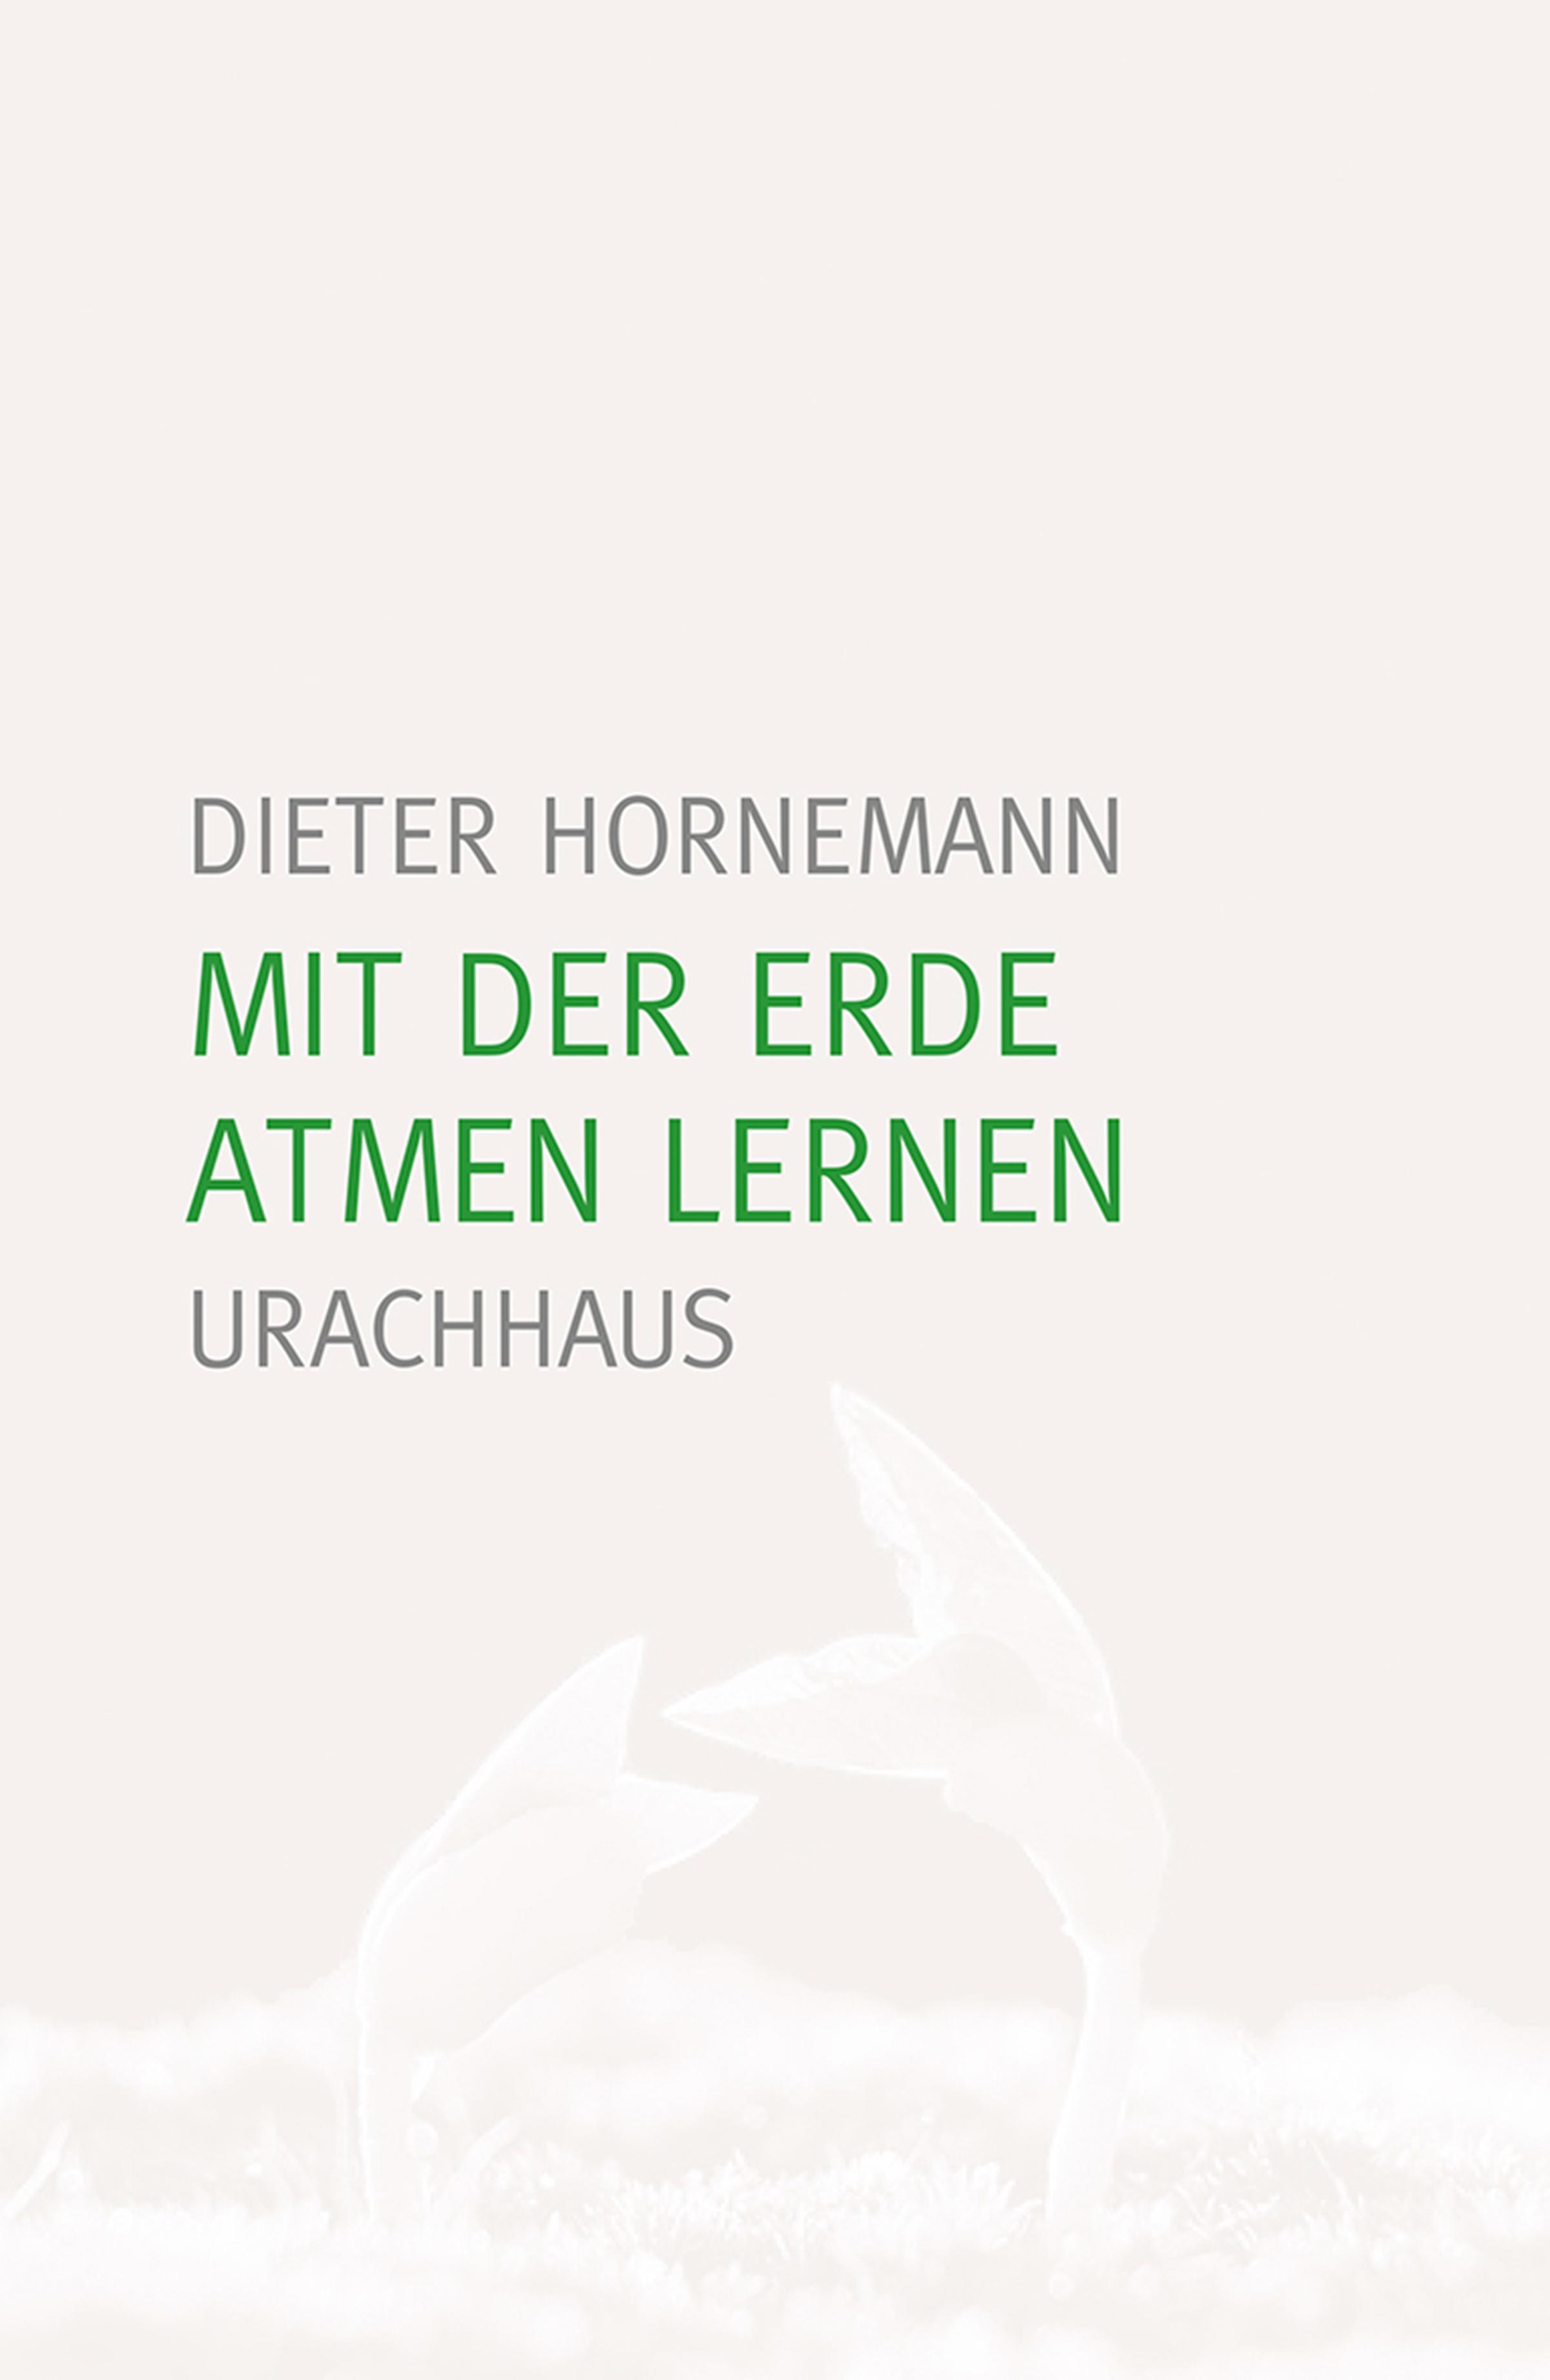 Dieter Hornemann Mit der Erde atmen lernen elisabeth schmolmüller lebenslanges lernen im berufsfeld der ergotherapie